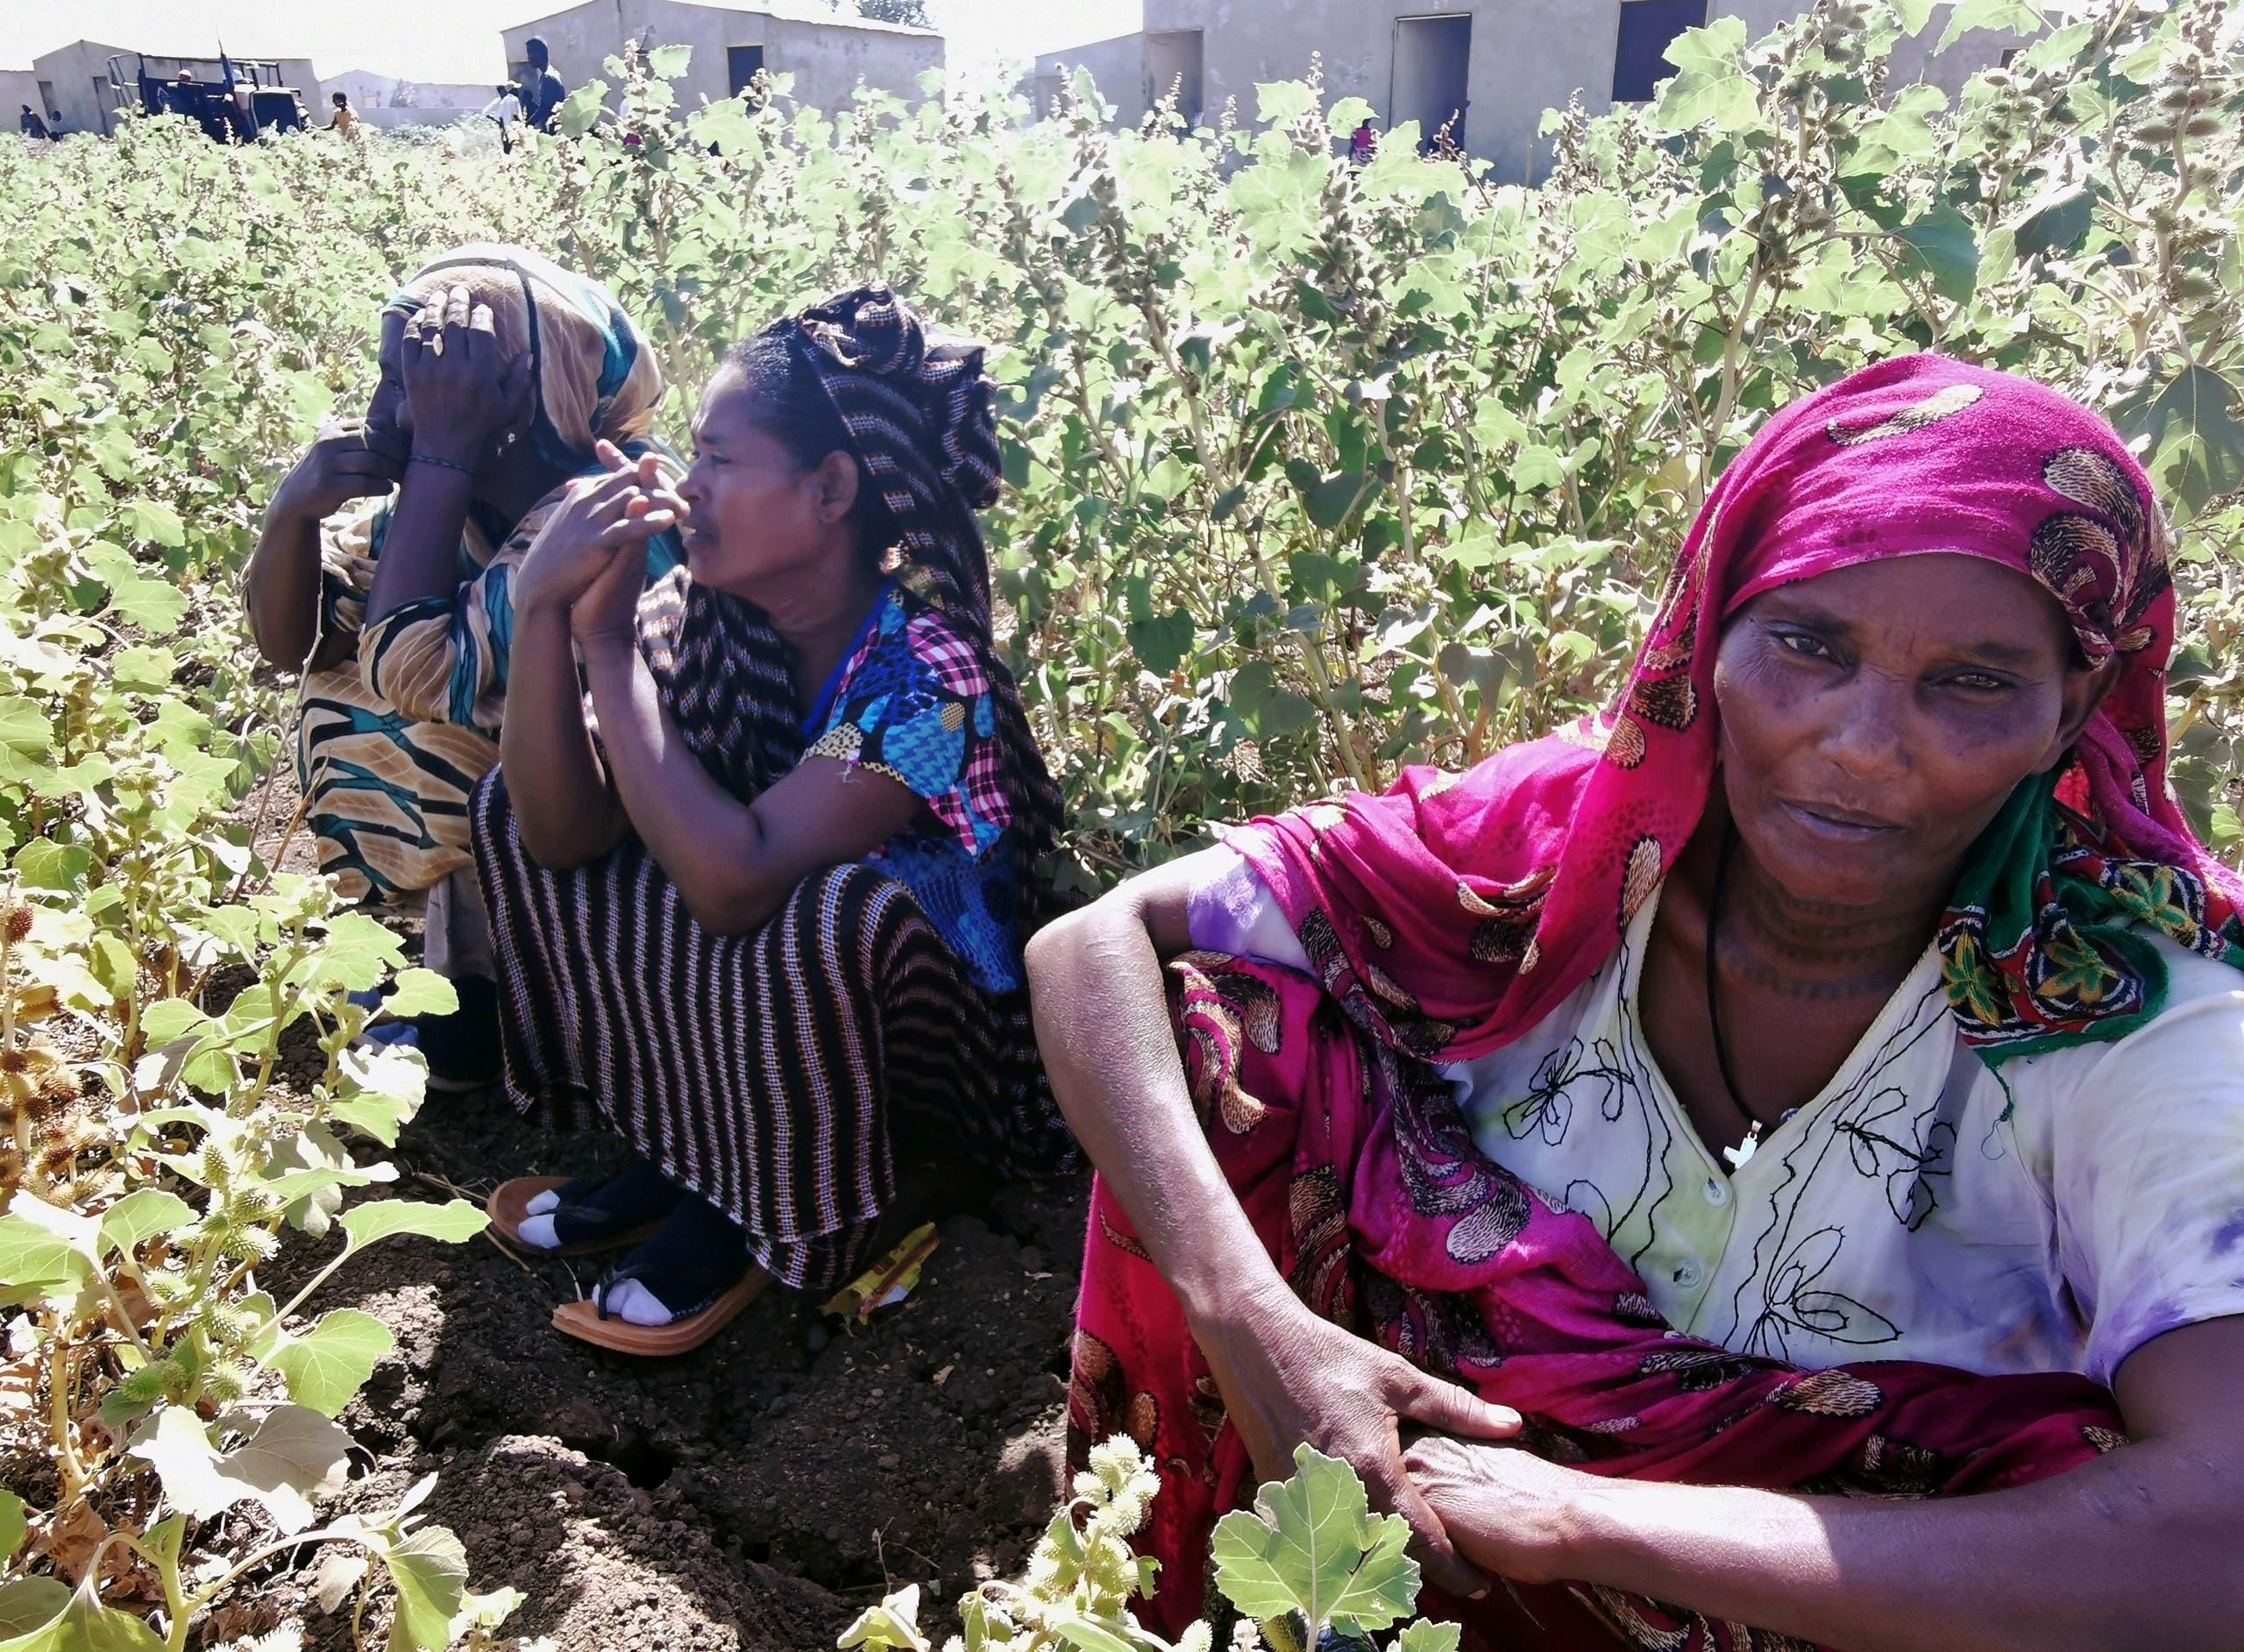 إثيوبيات فررن من القتال الدائر بتيغراي في مخيم الفشقة للاجئين يوم 13 نوفمبر 2020